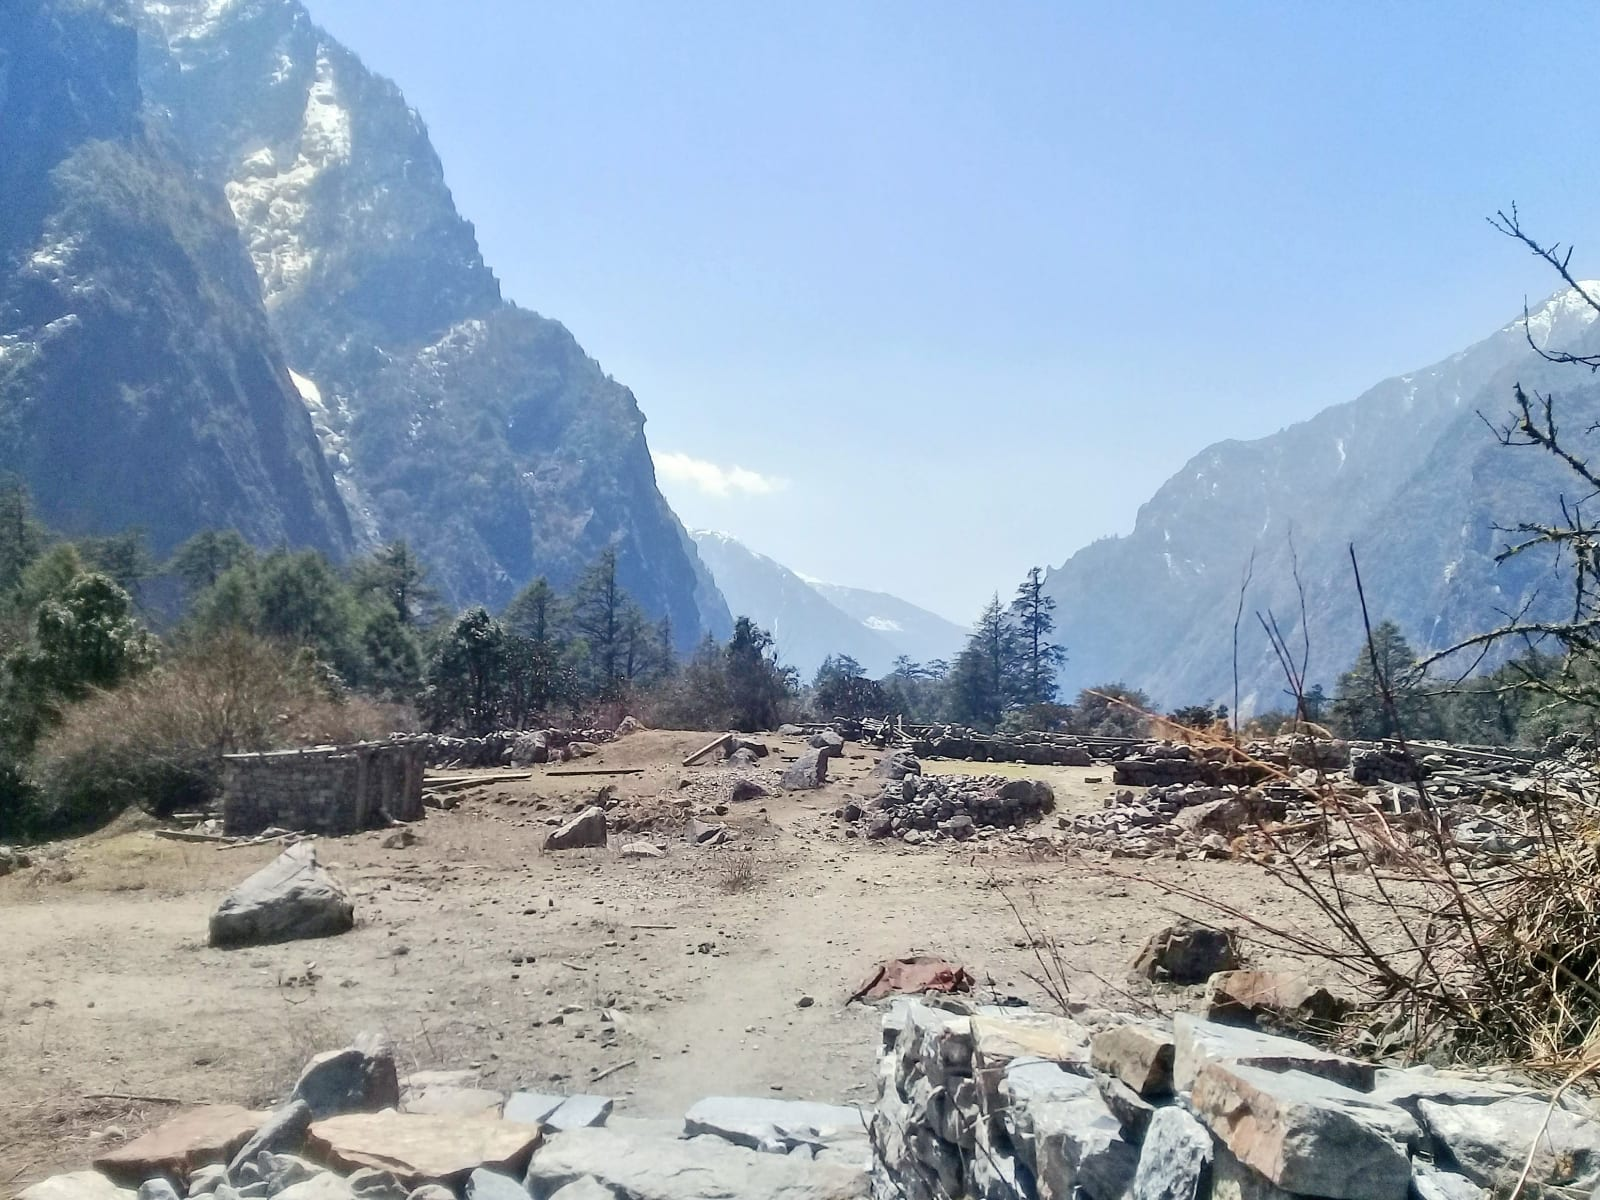 1_Torzo-bývalé-vesnice-Ghoda-Tabela-spal-jsem-v-té-budově-vlevo-Nepál